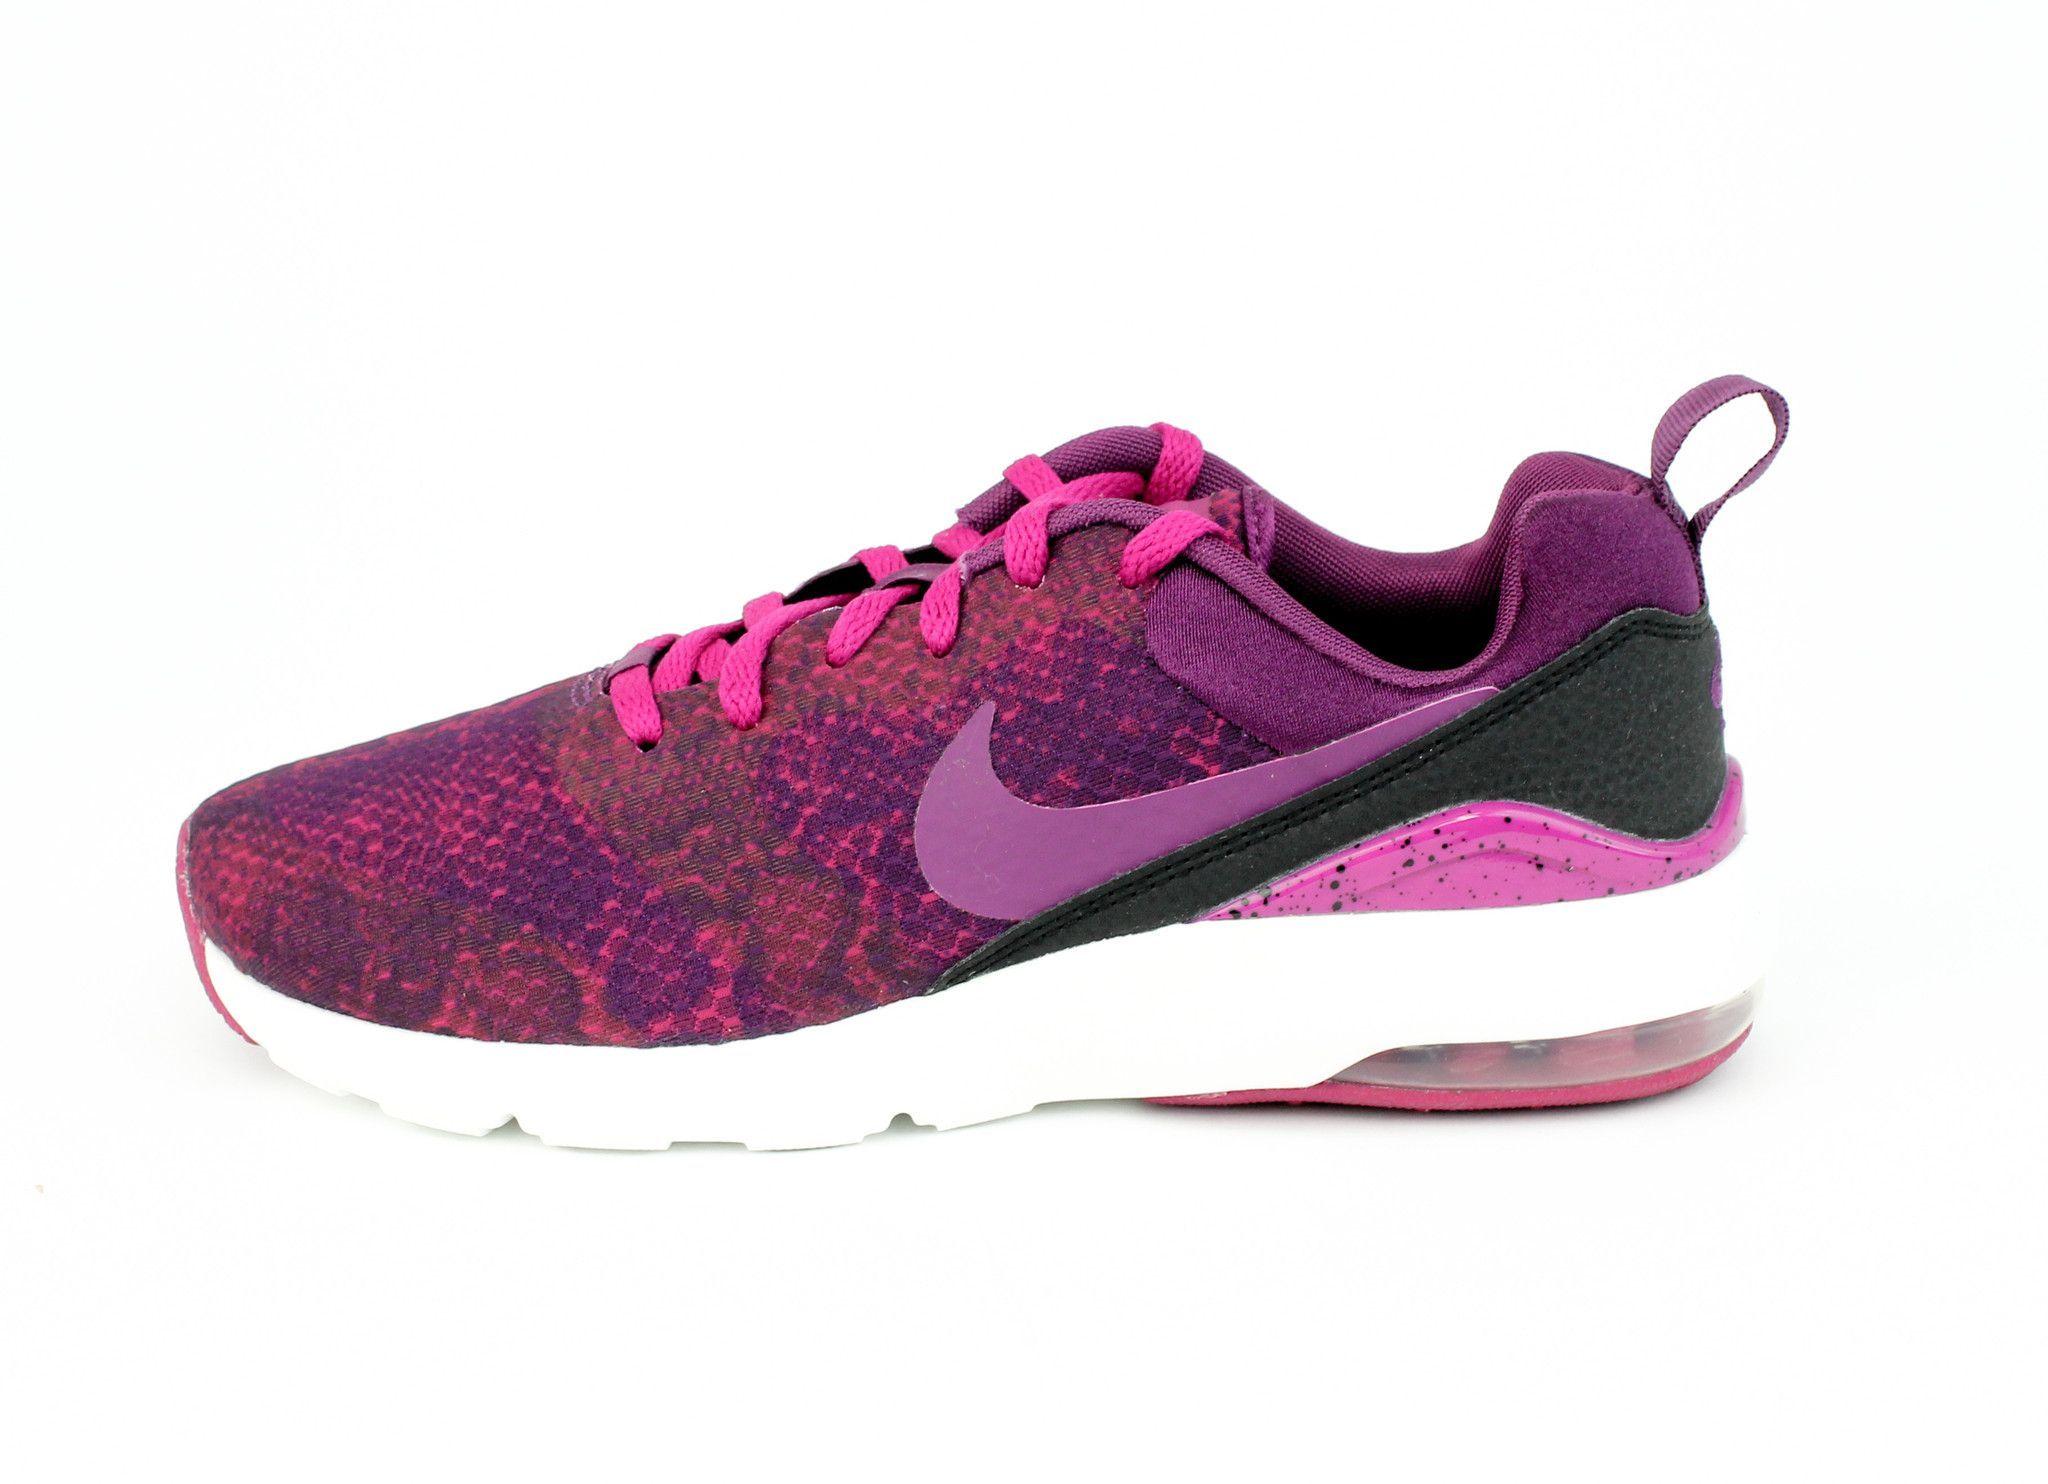 b66e59dd6e7 Nike Women Air Max Siren Print Fuchsia